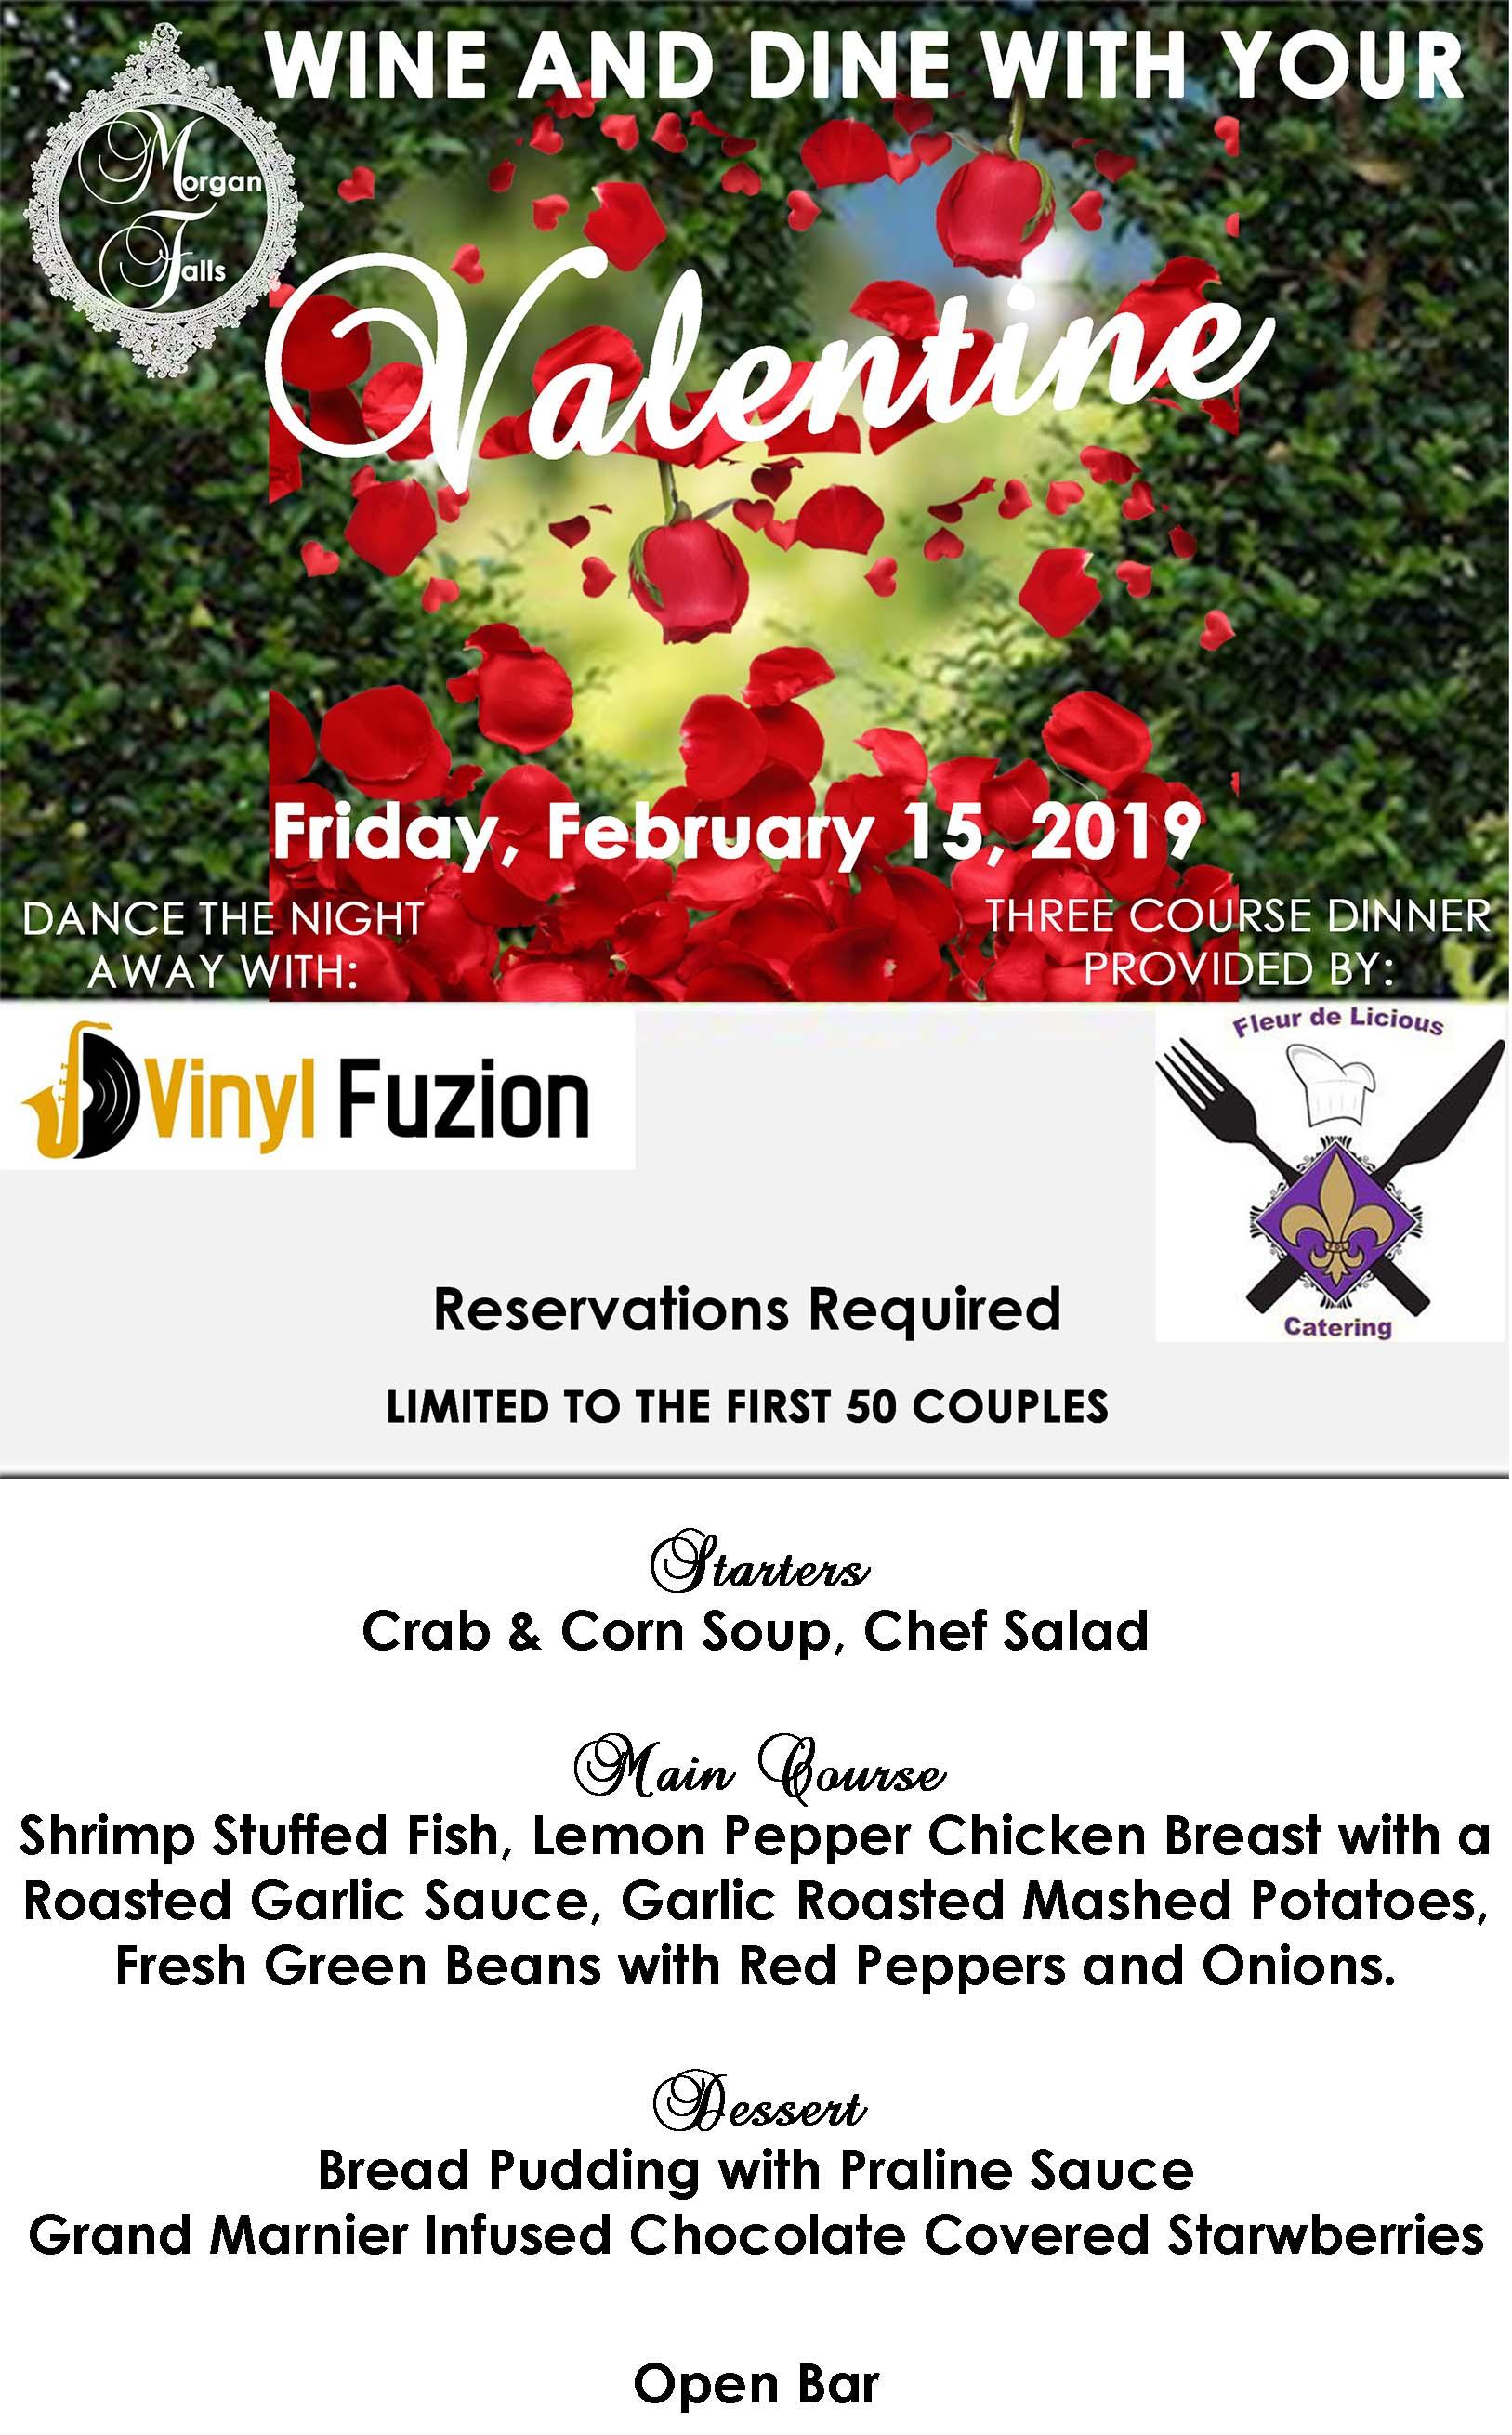 Morgan Falls Valentine Event 2019